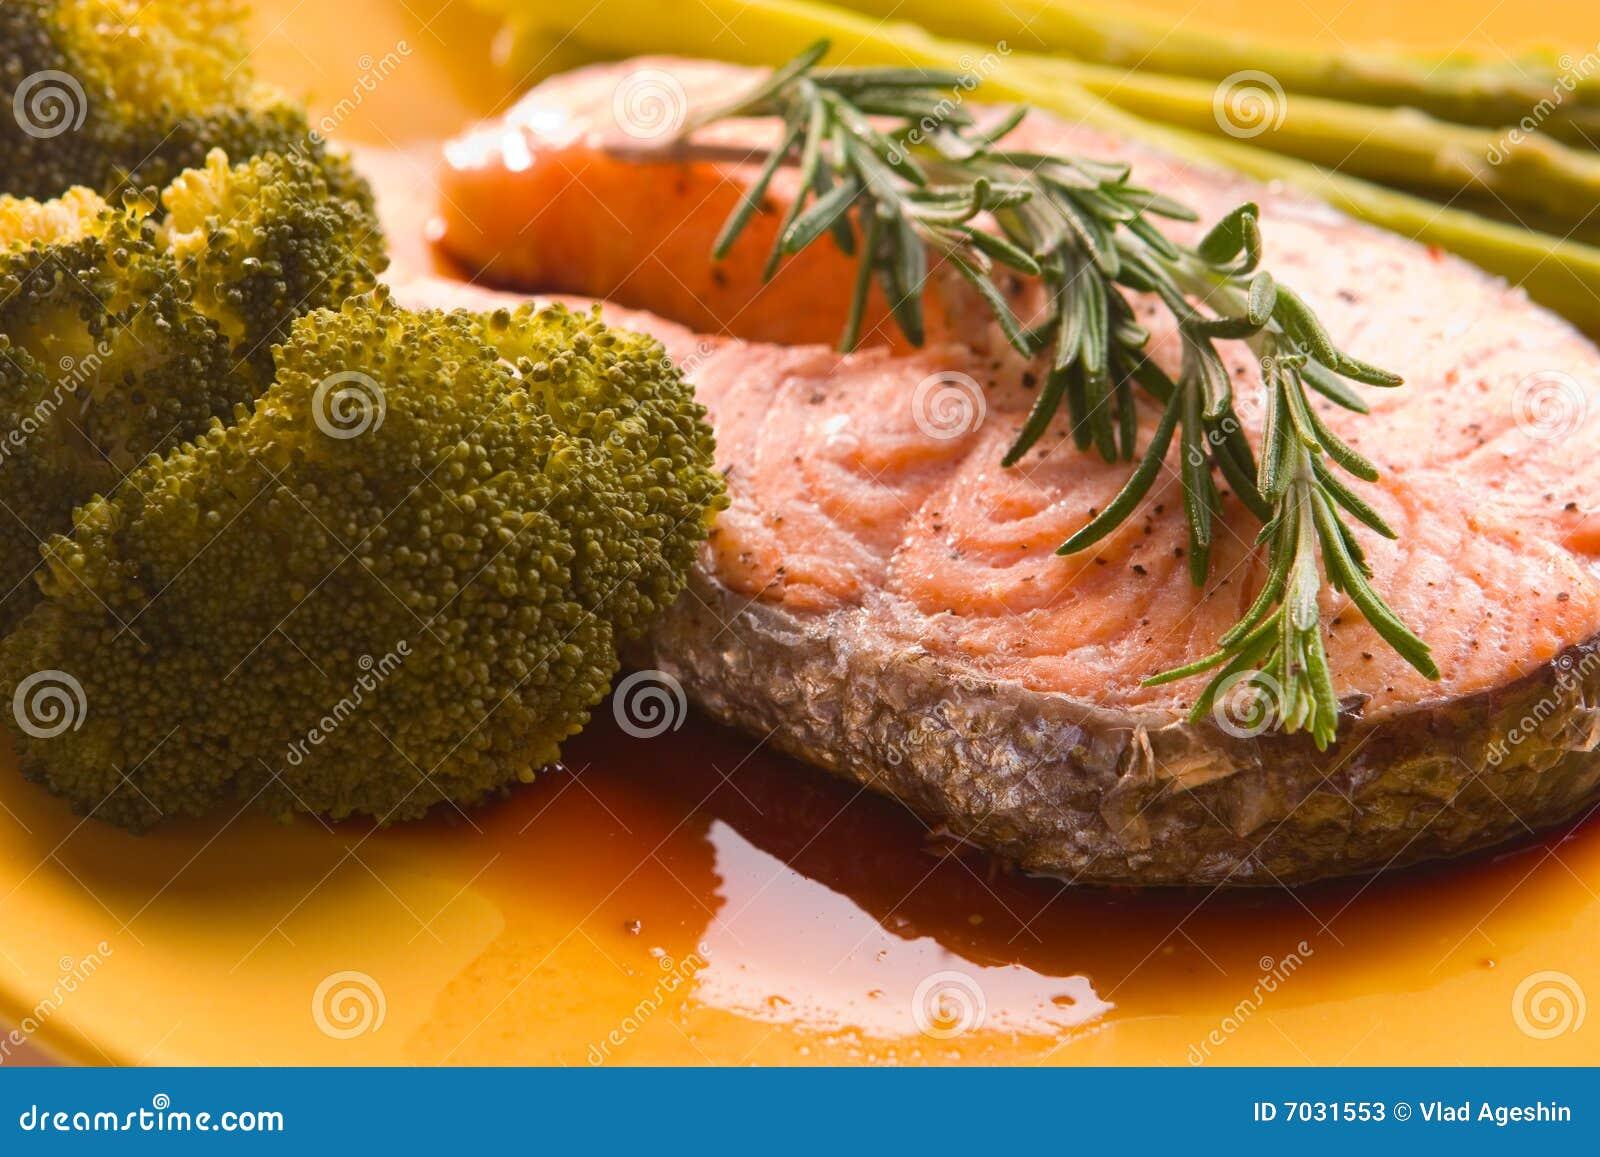 Сёмга с овощами рецепт